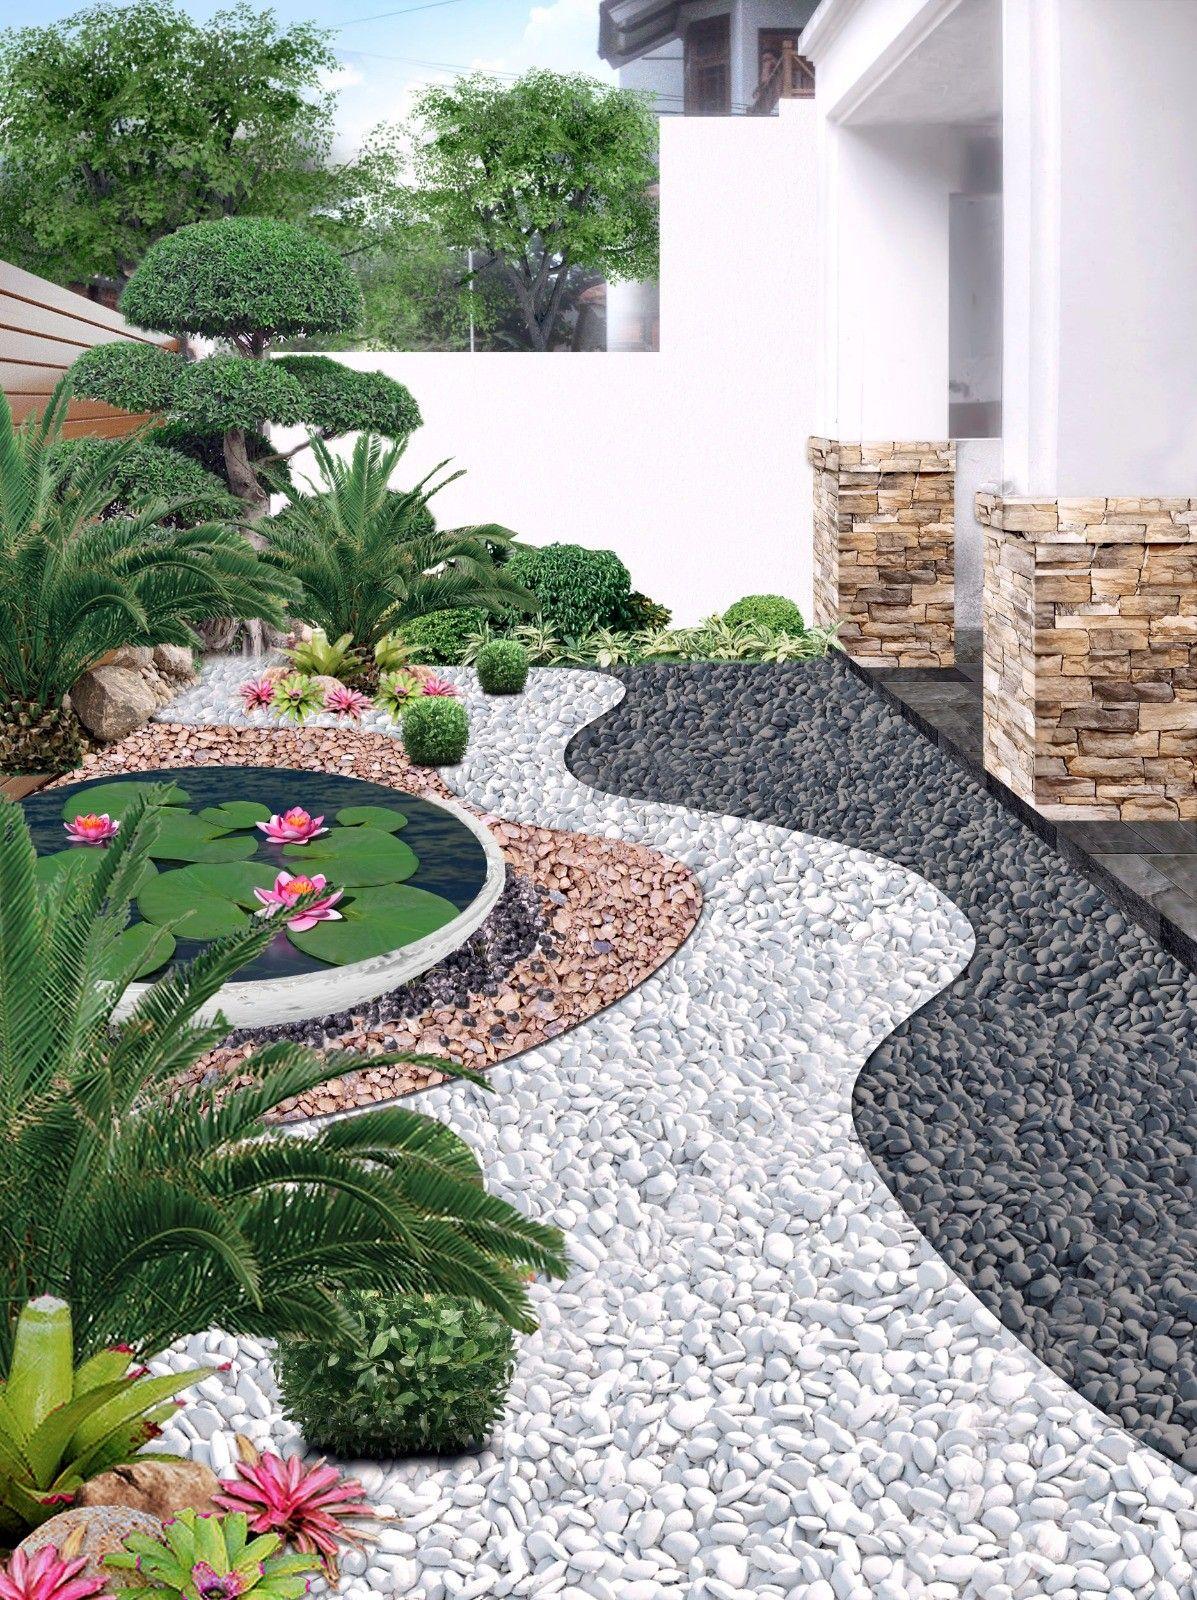 Desain Taman Mewah Murah Outdoor Gardens Design Small Garden Design Small Garden Landscape